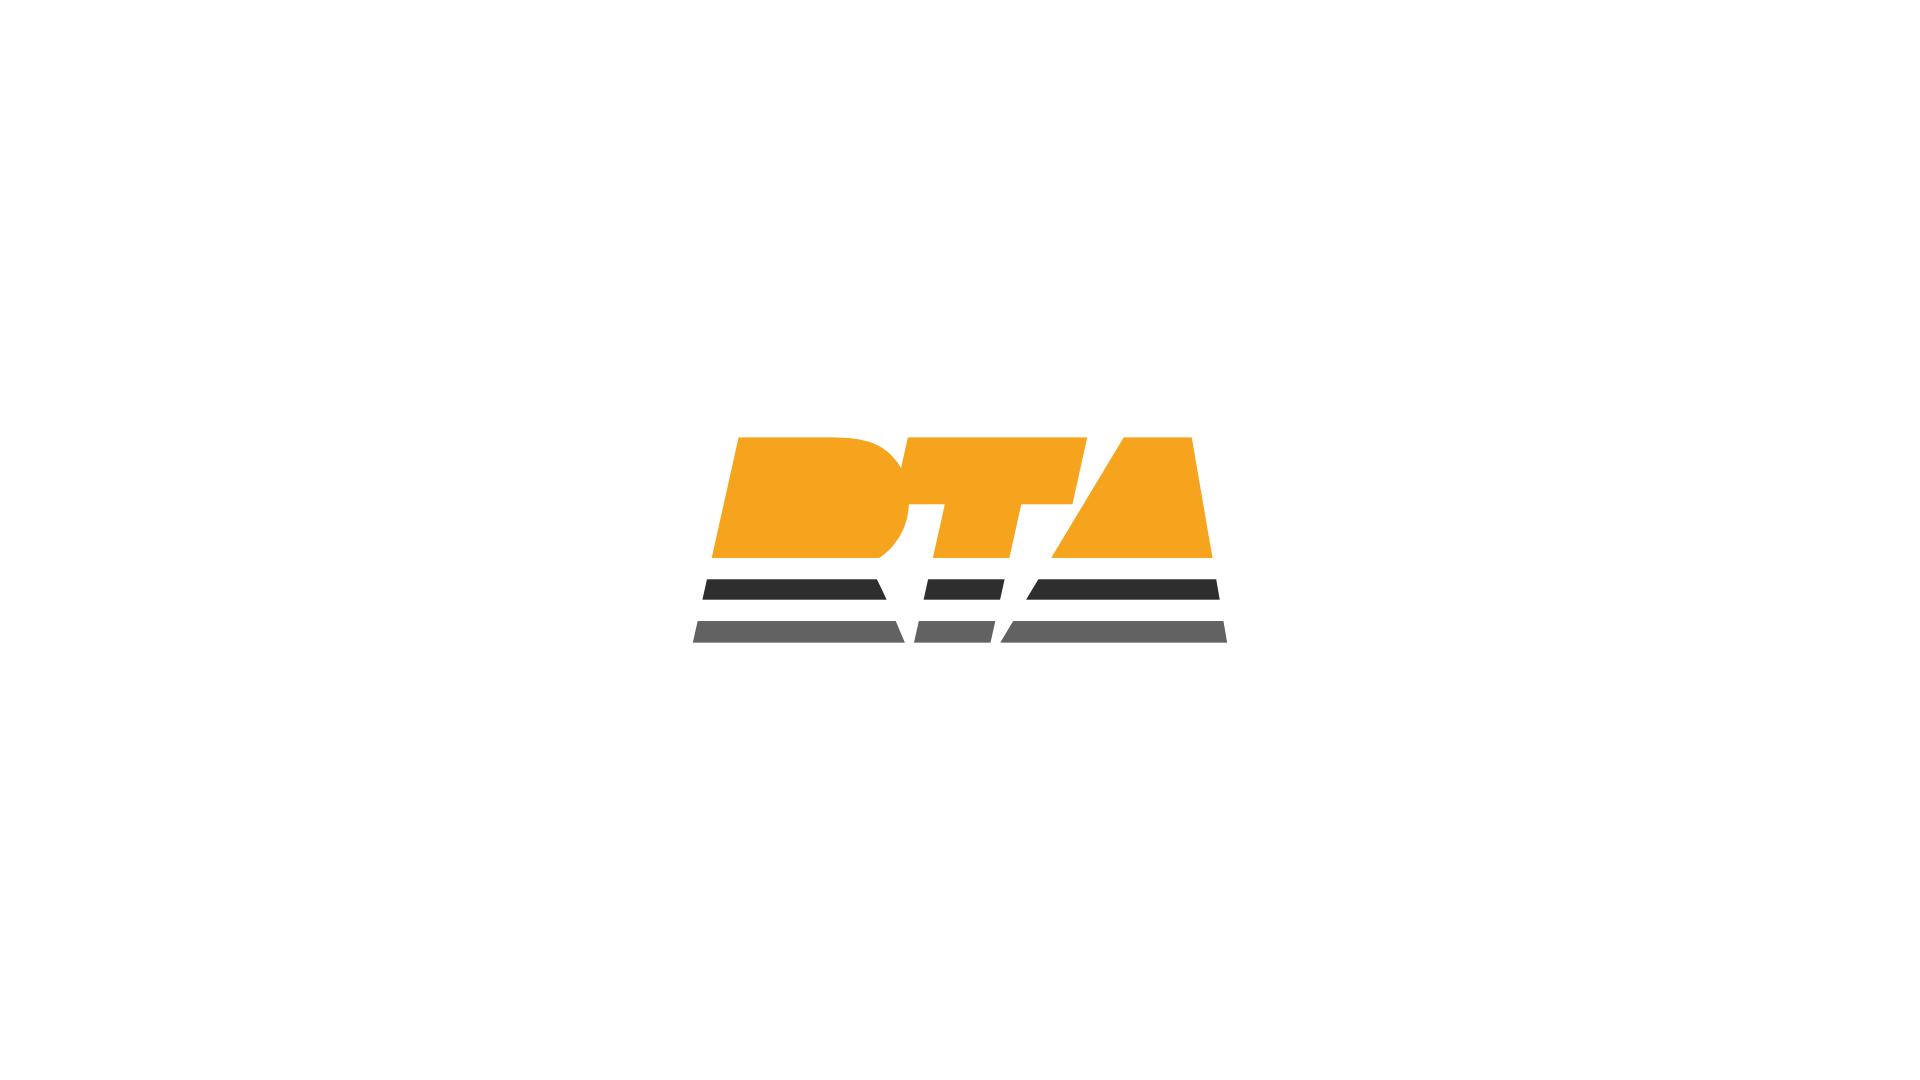 rta_logo.png